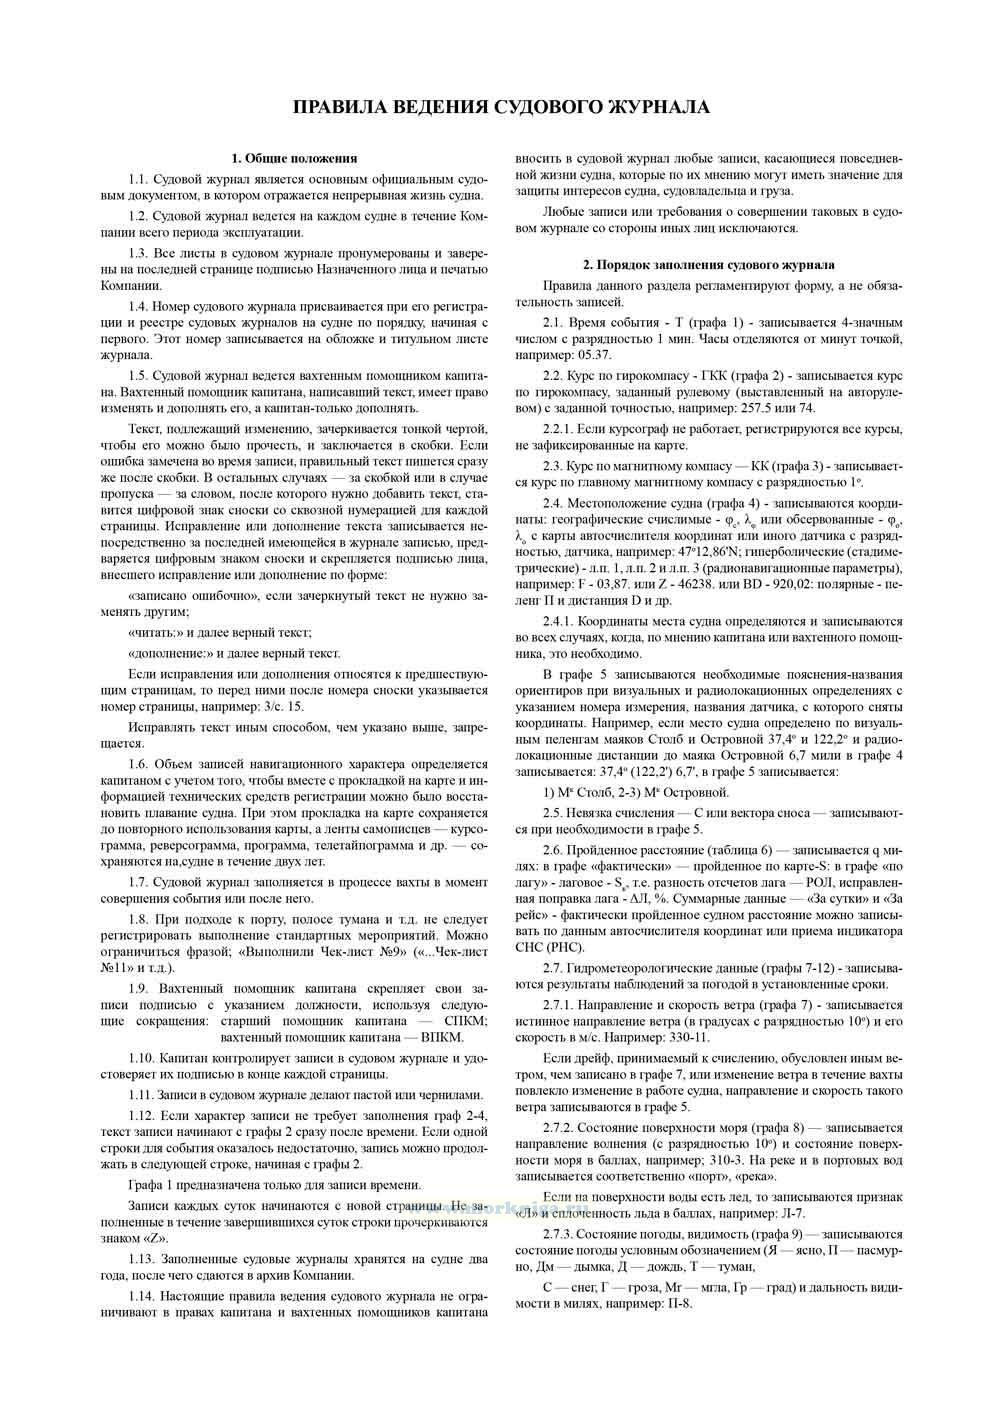 Судовой журнал (форма Э-1 в)